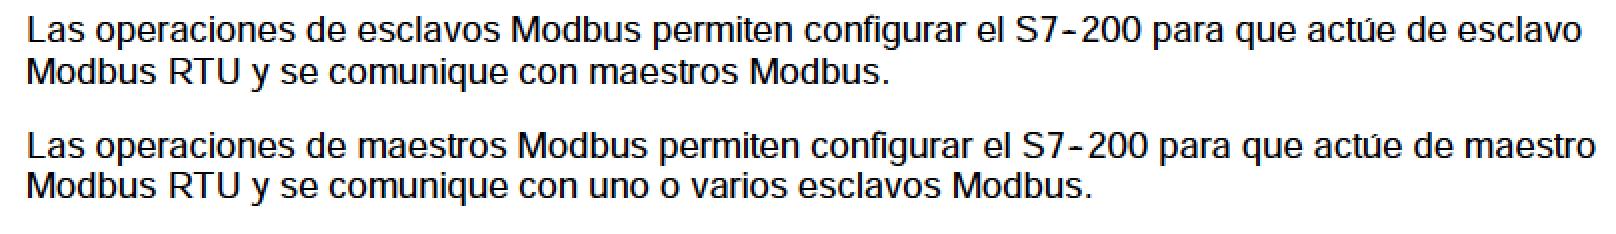 Equipos Modbus perfil maestro y esclavo